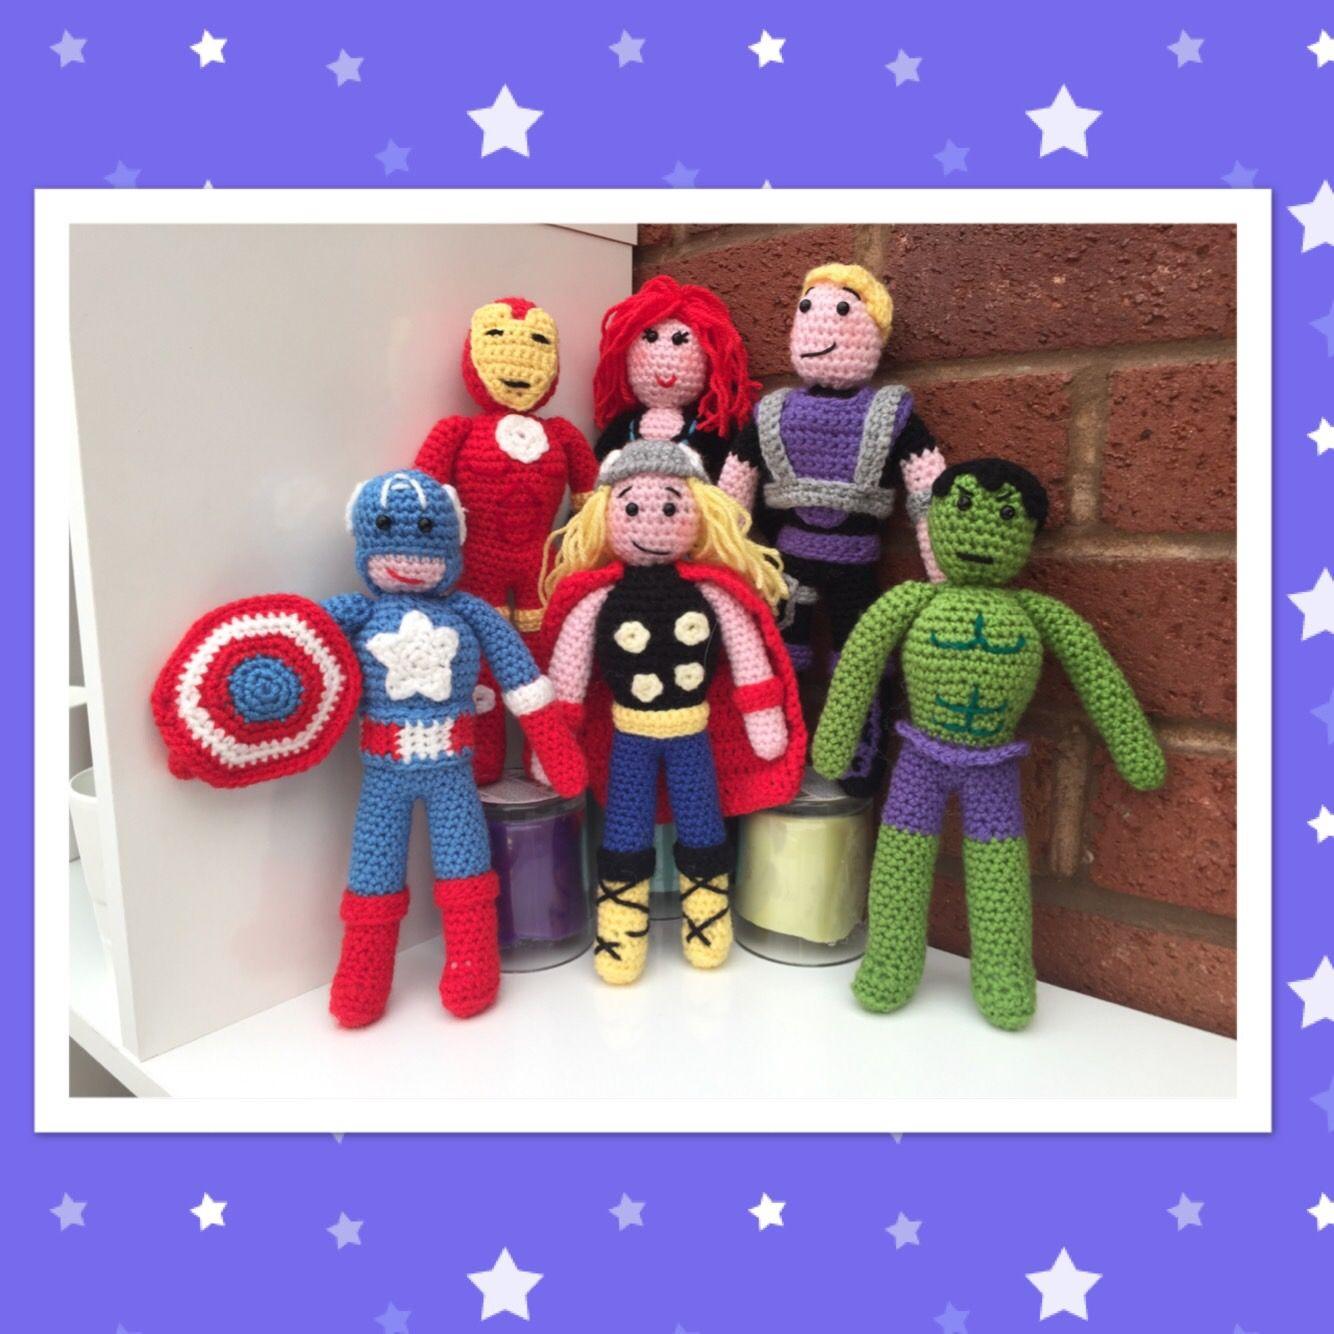 The Avengers Full Crochet Patterns Crochet Pinterest Crochet